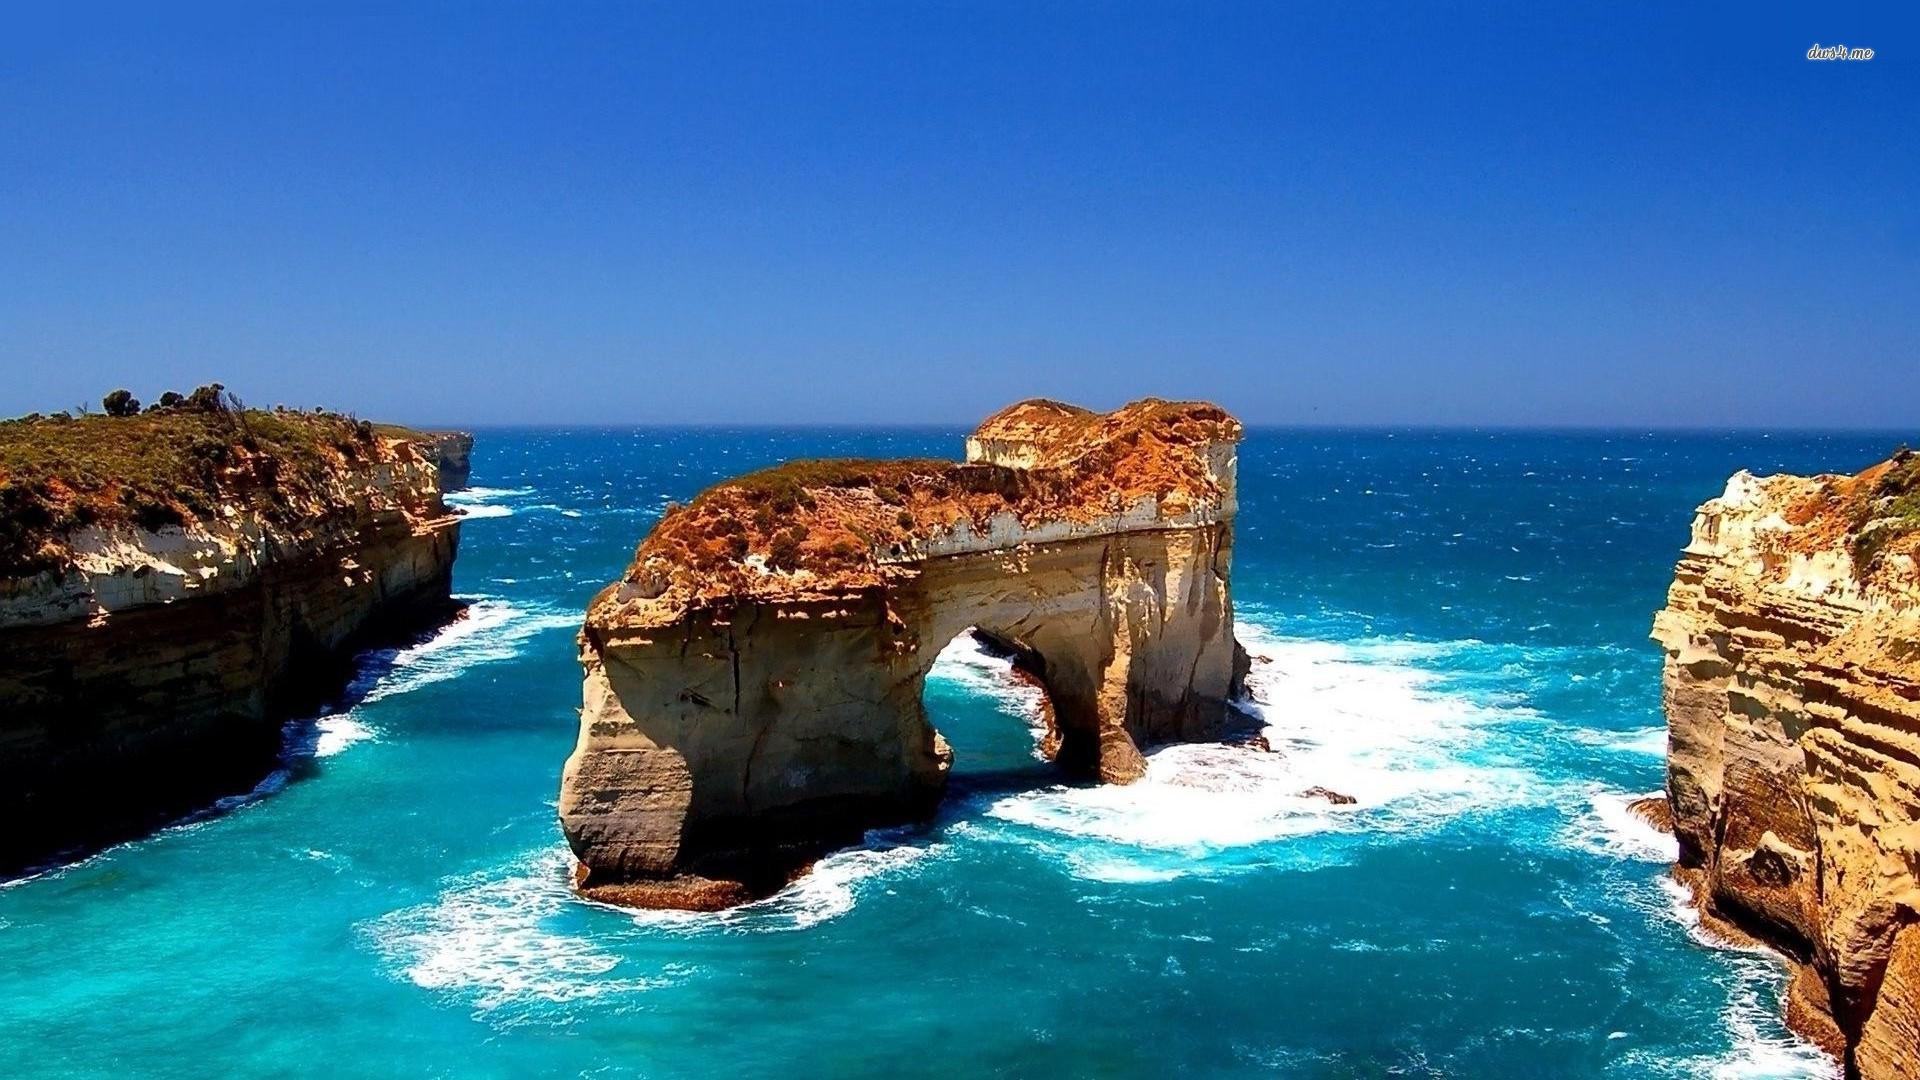 Los 5 mejores lugares para visitar en Australia